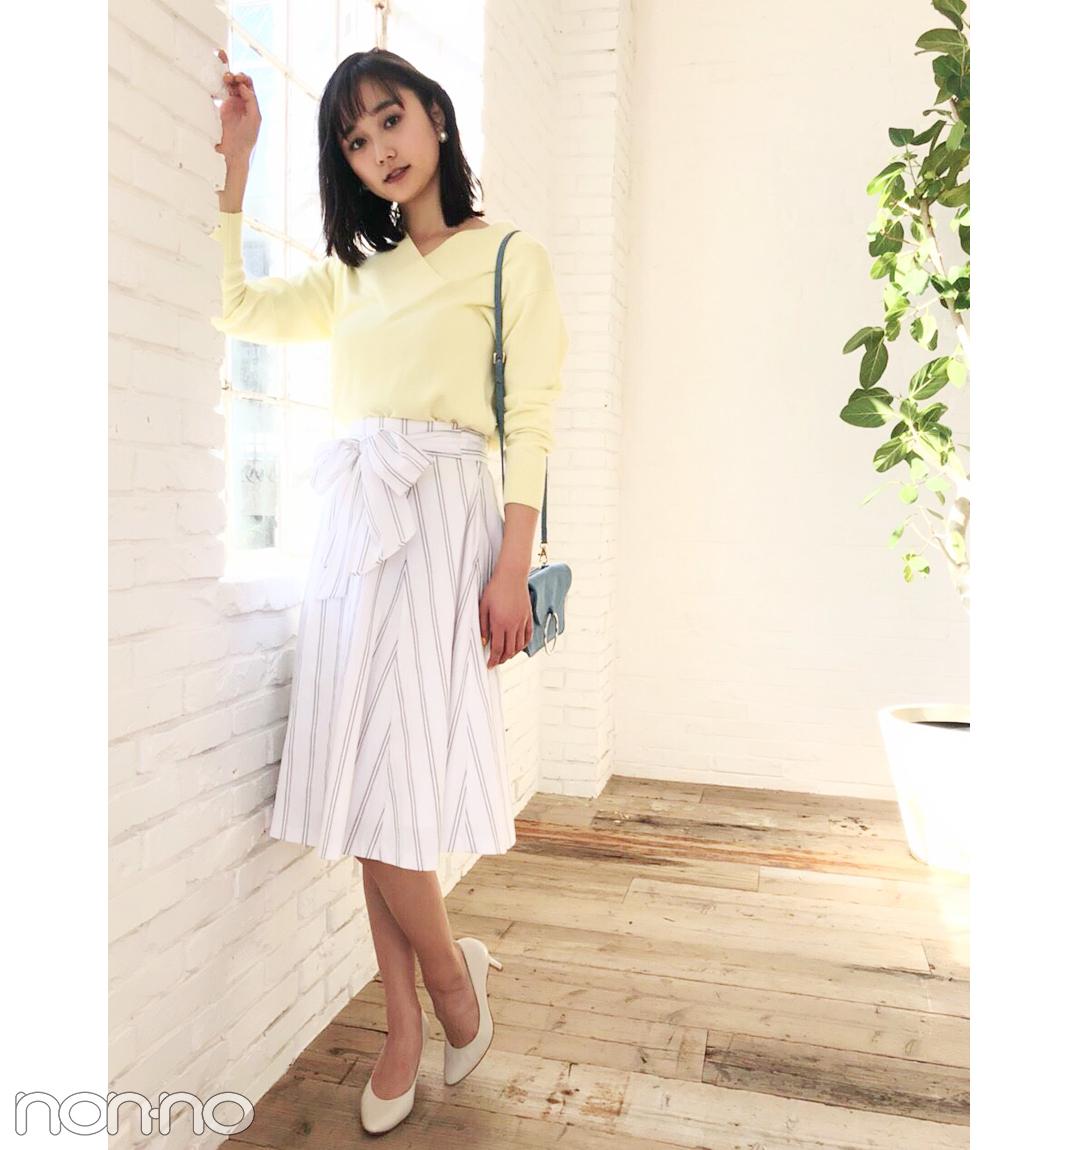 鈴木友菜はさわやかなストライプスカートで大人可愛く【毎日コーデ】_1_1